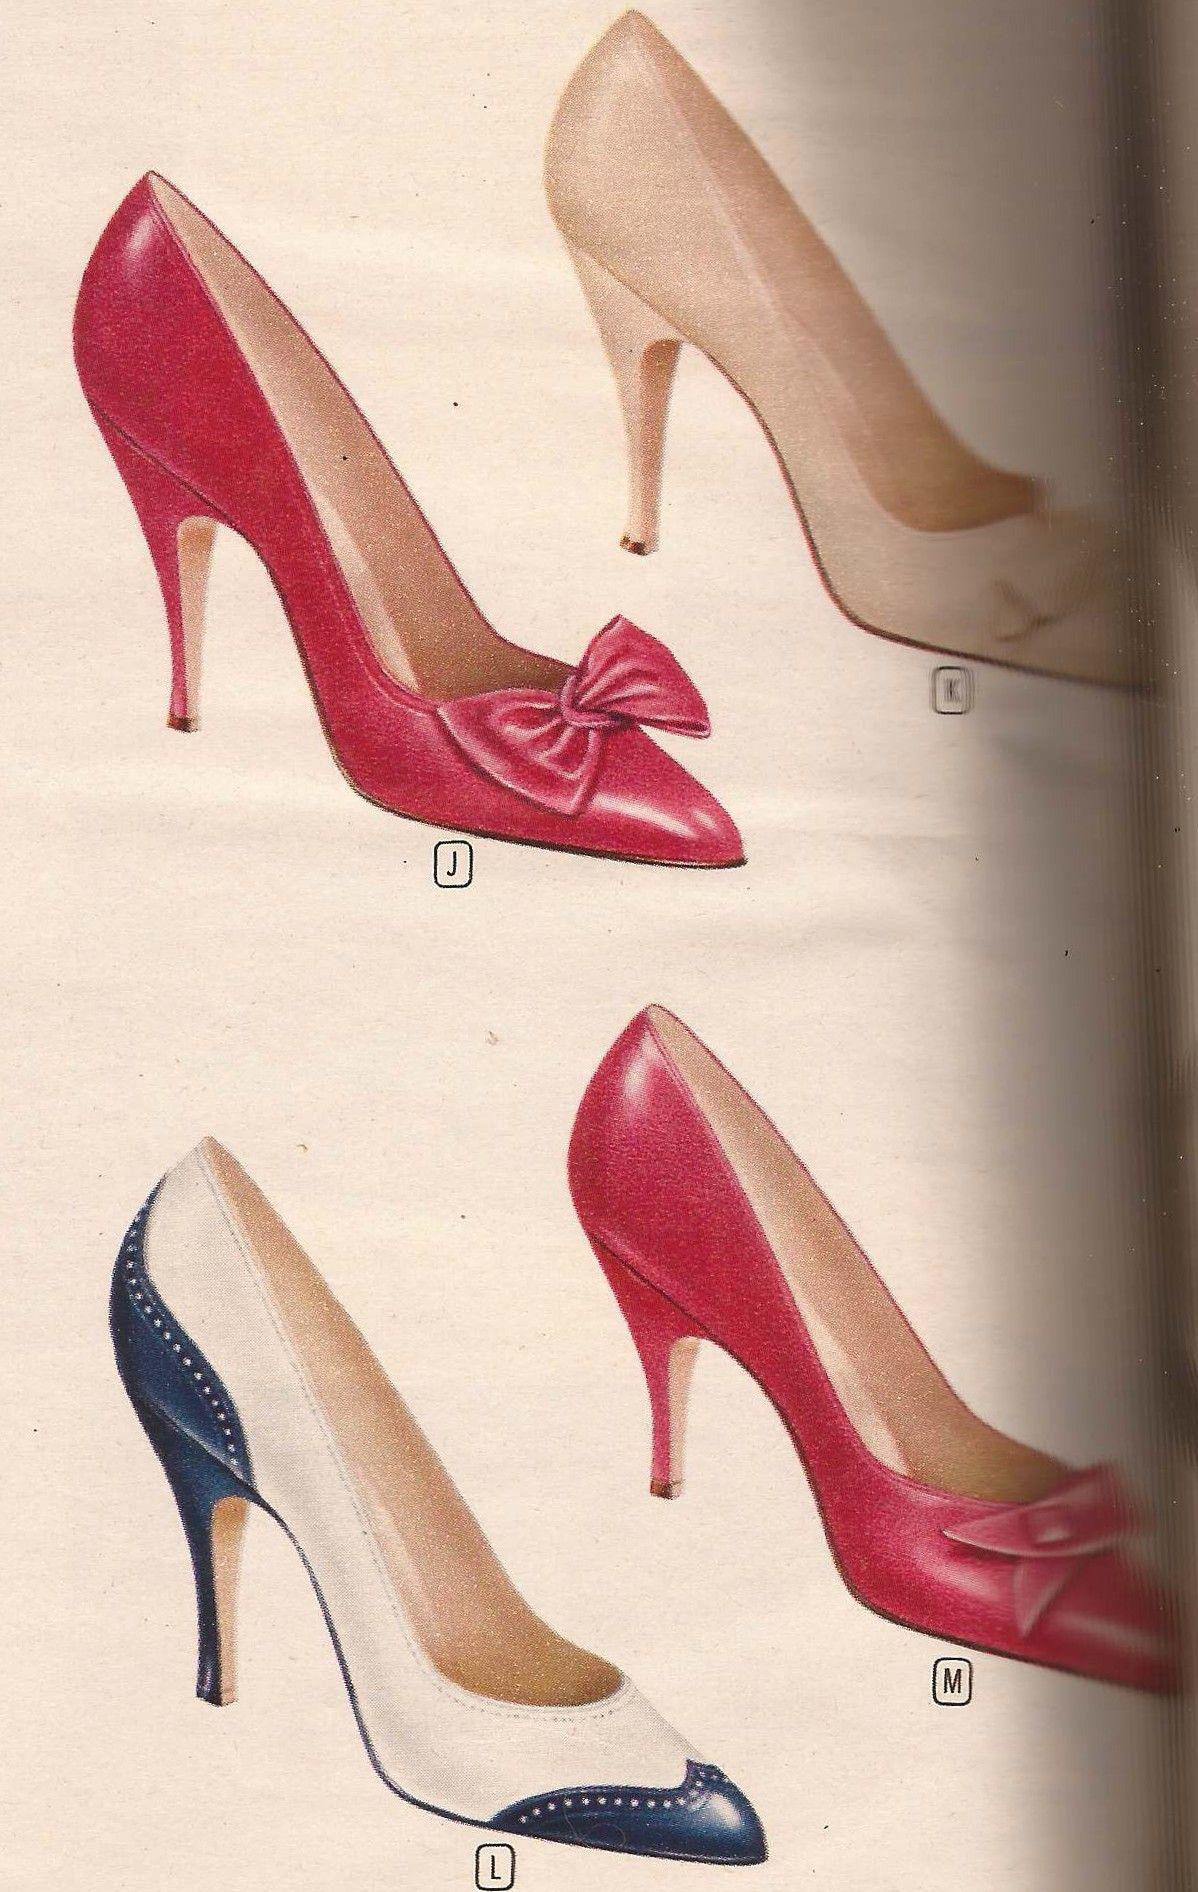 b417e543fc5f 1960 shoes spectator pumps